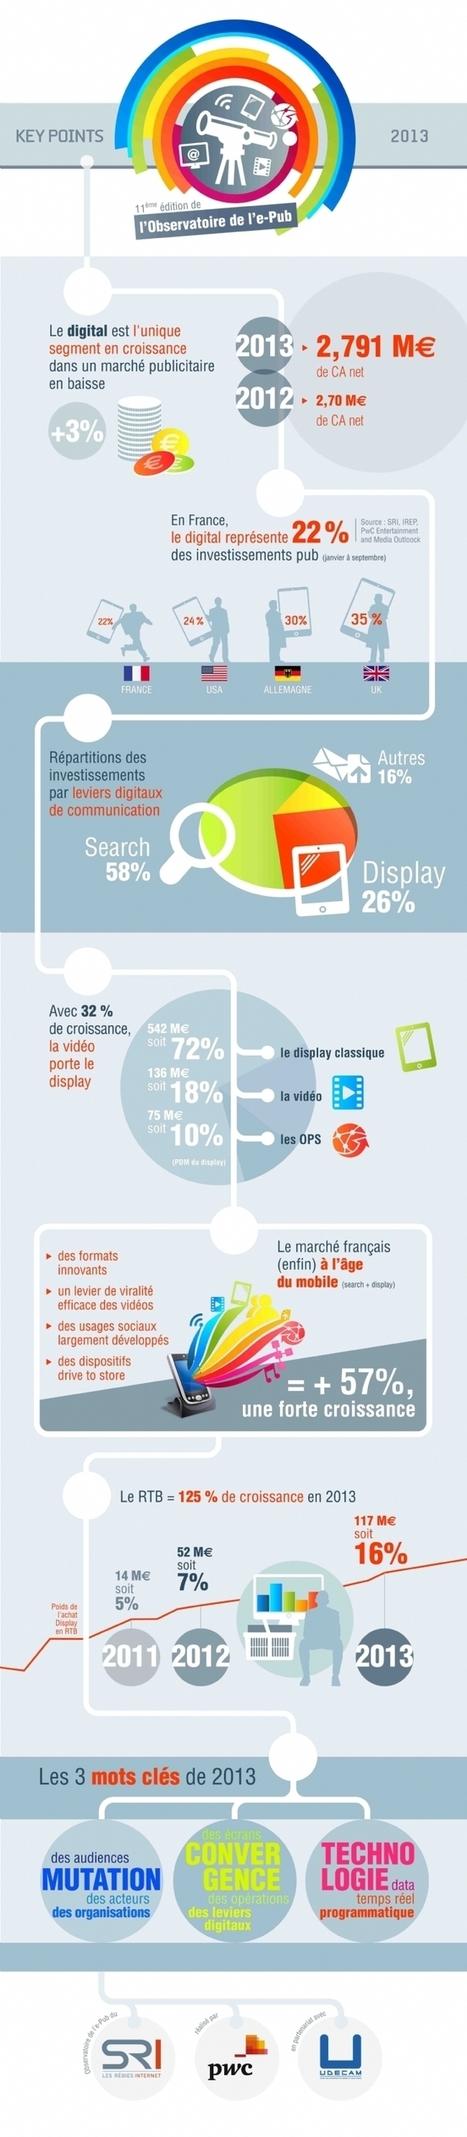 InfographieObservatoire de l'e-pub : onzième édition - Ecommerce Magazine | Digitale | Scoop.it